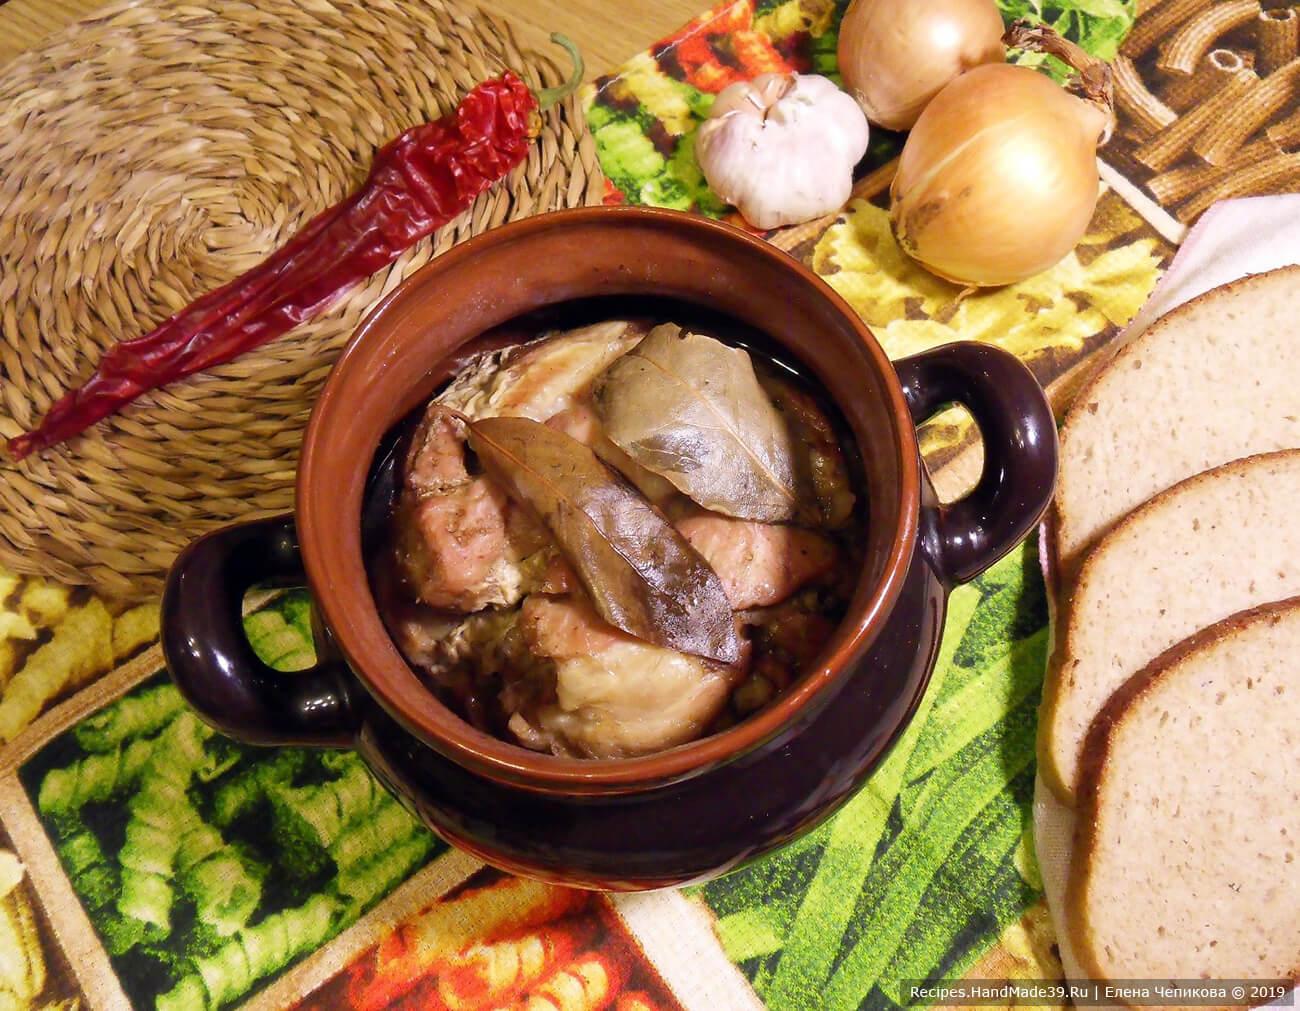 Тушёнка из свинины в домашних условиях – пошаговый рецепт с фото